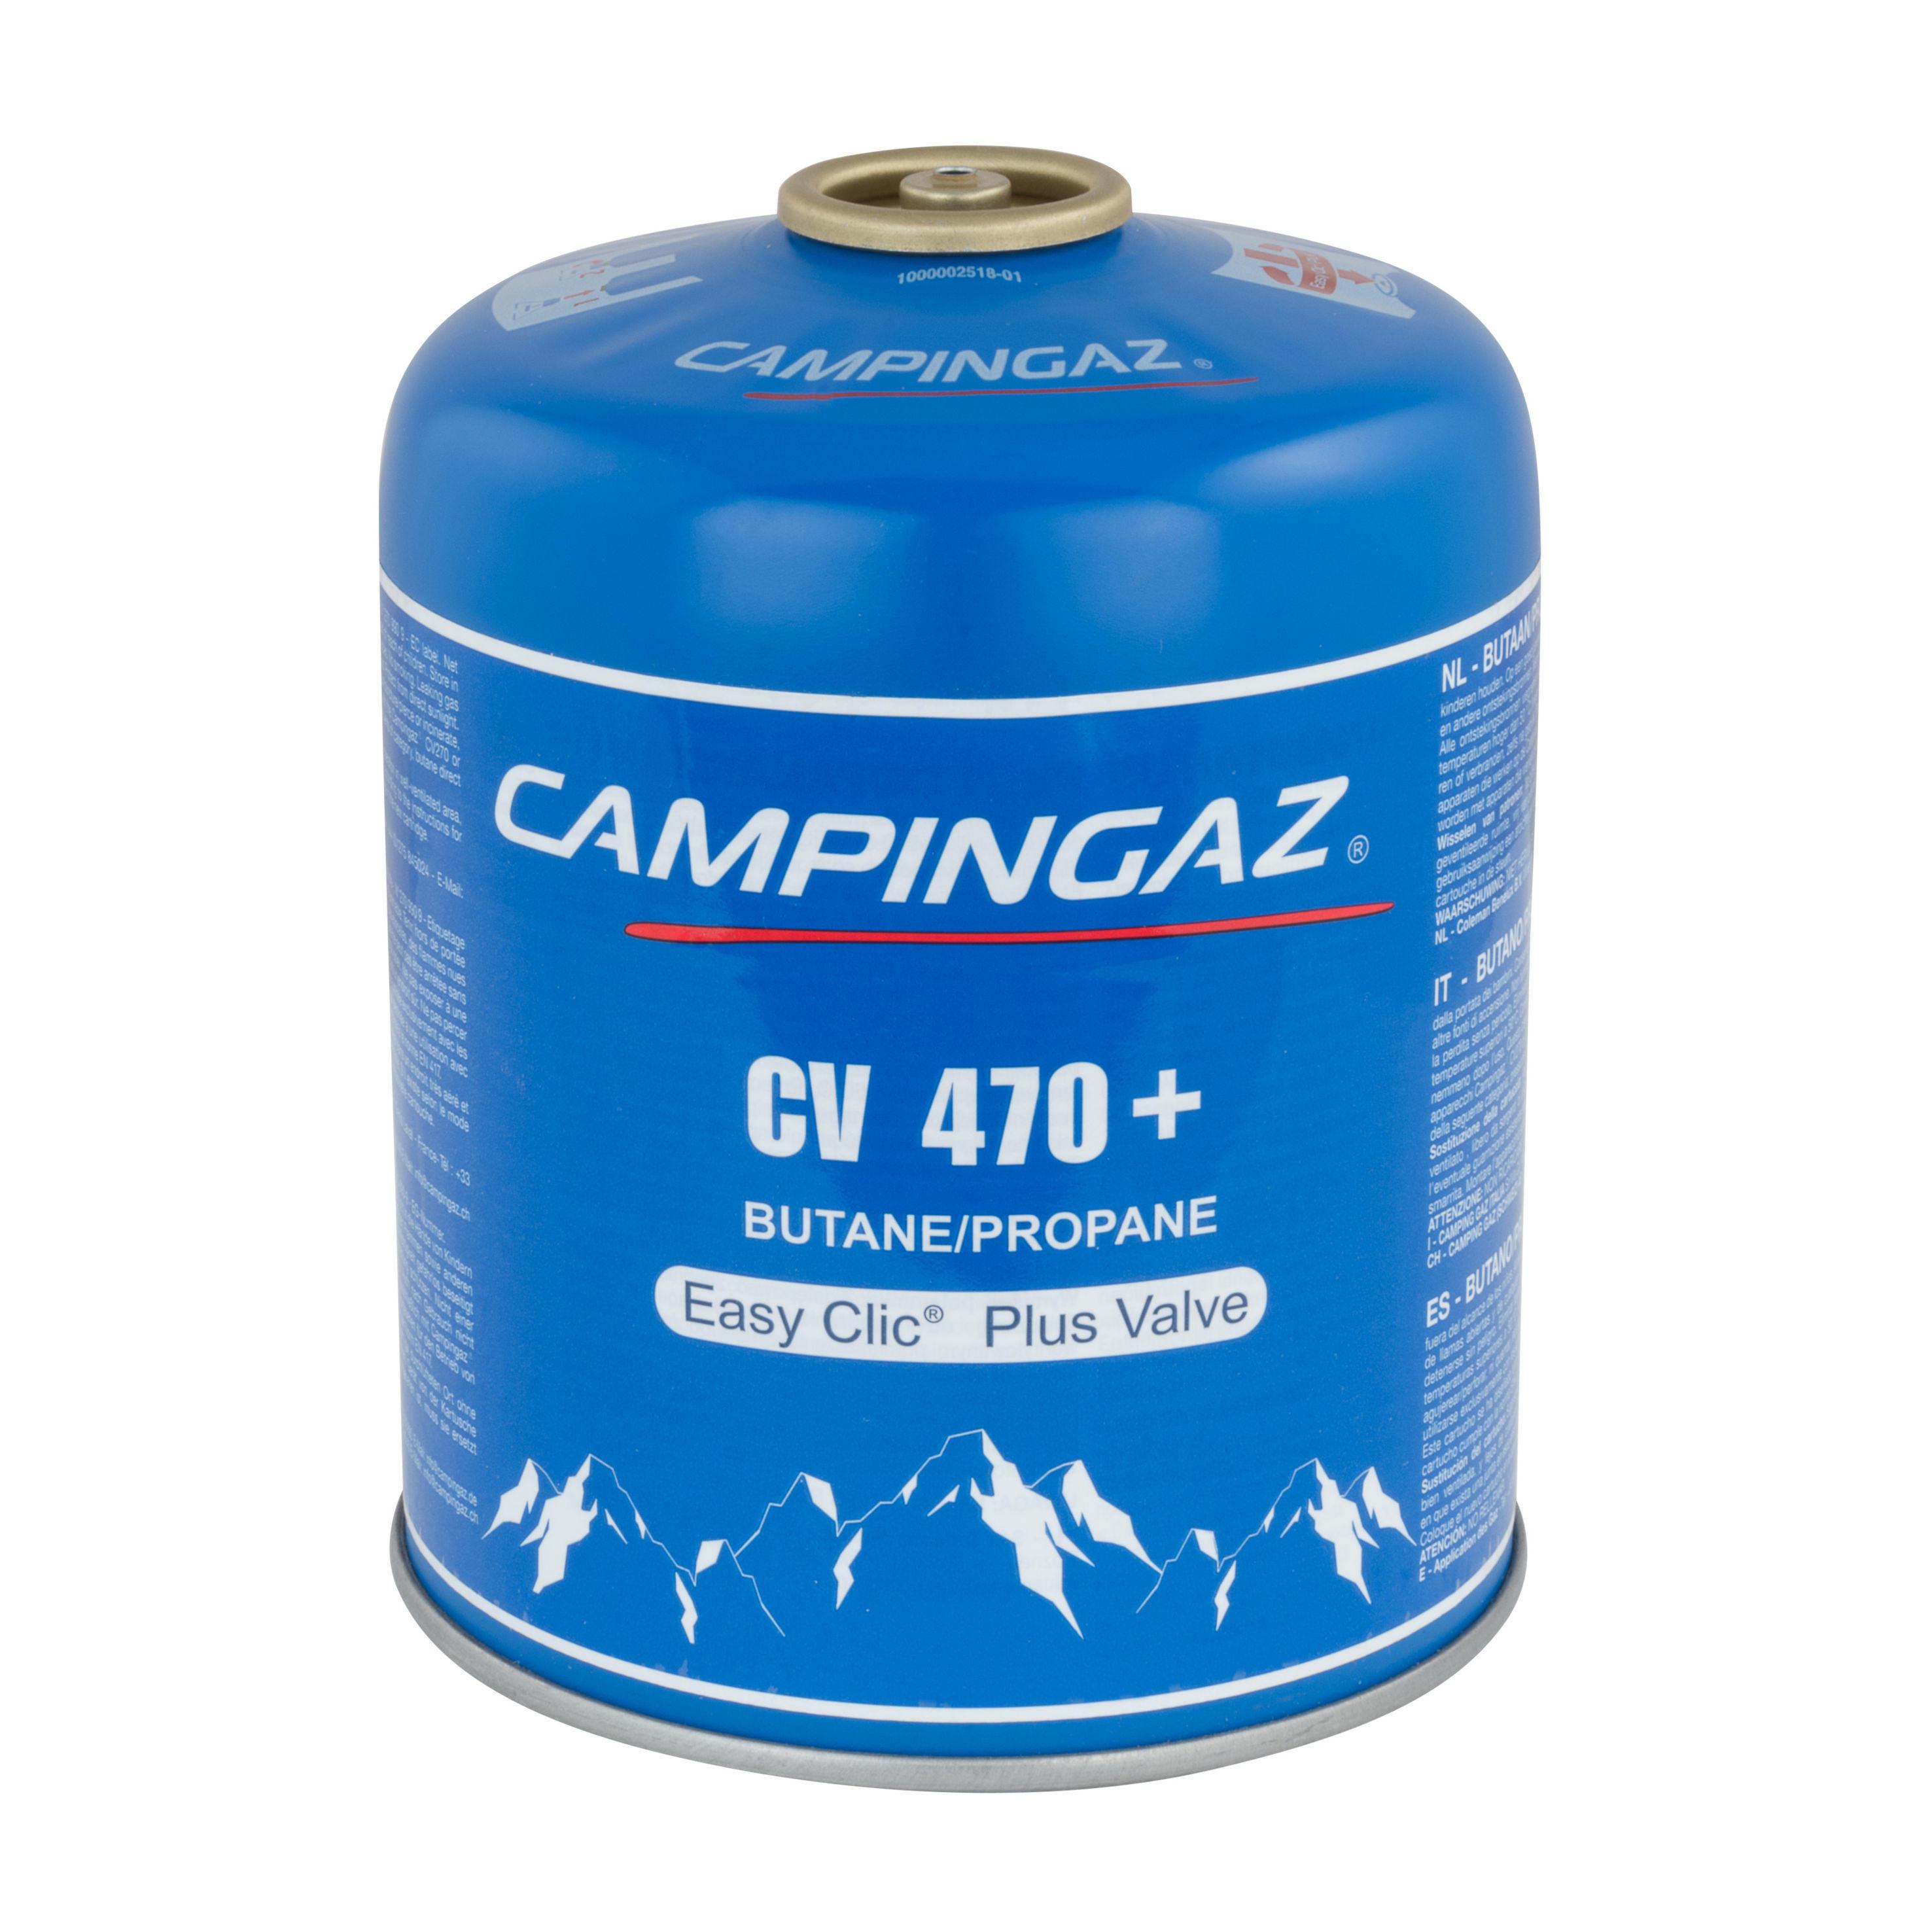 Campingaz Gasbusje met ventiel voor kooktoestel CV470 + (450 gram)